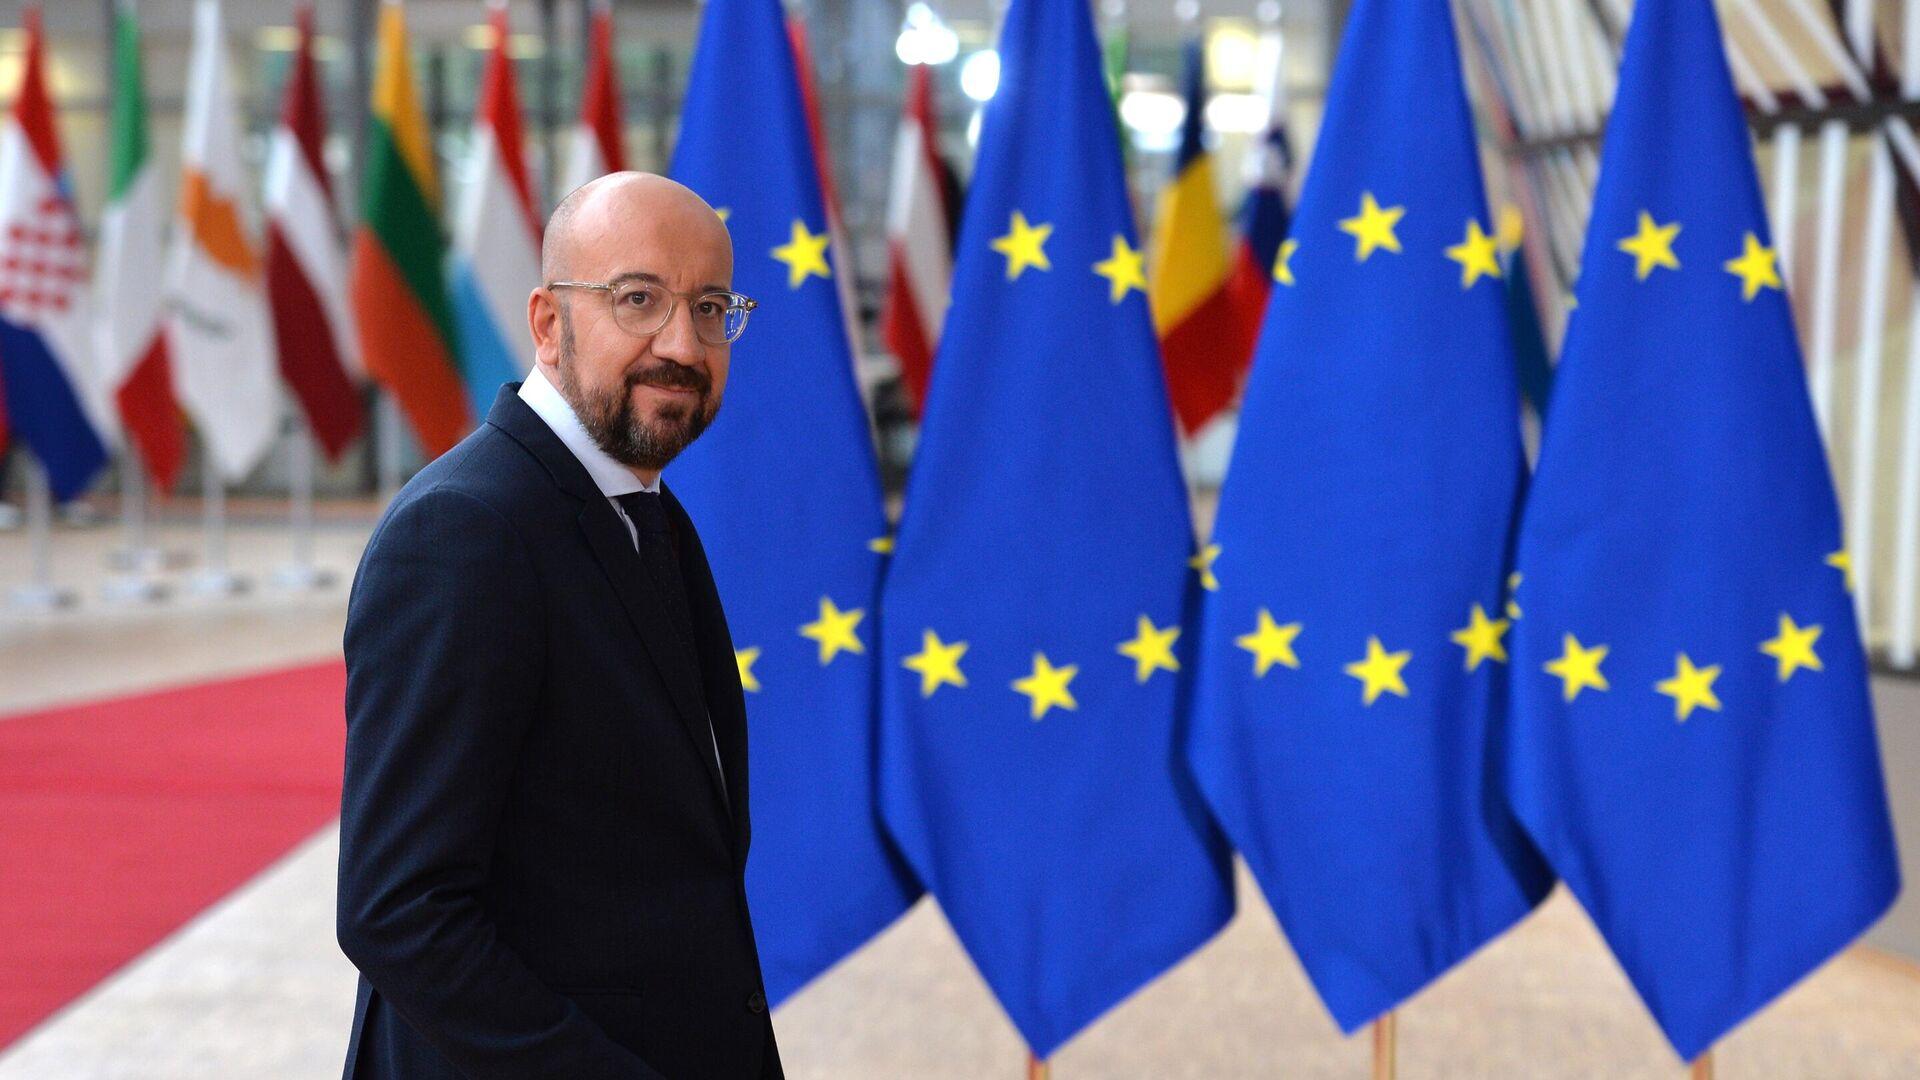 Президент Европейского совета Шарль Мишель на саммите ЕС в Брюсселе - РИА Новости, 1920, 11.12.2020